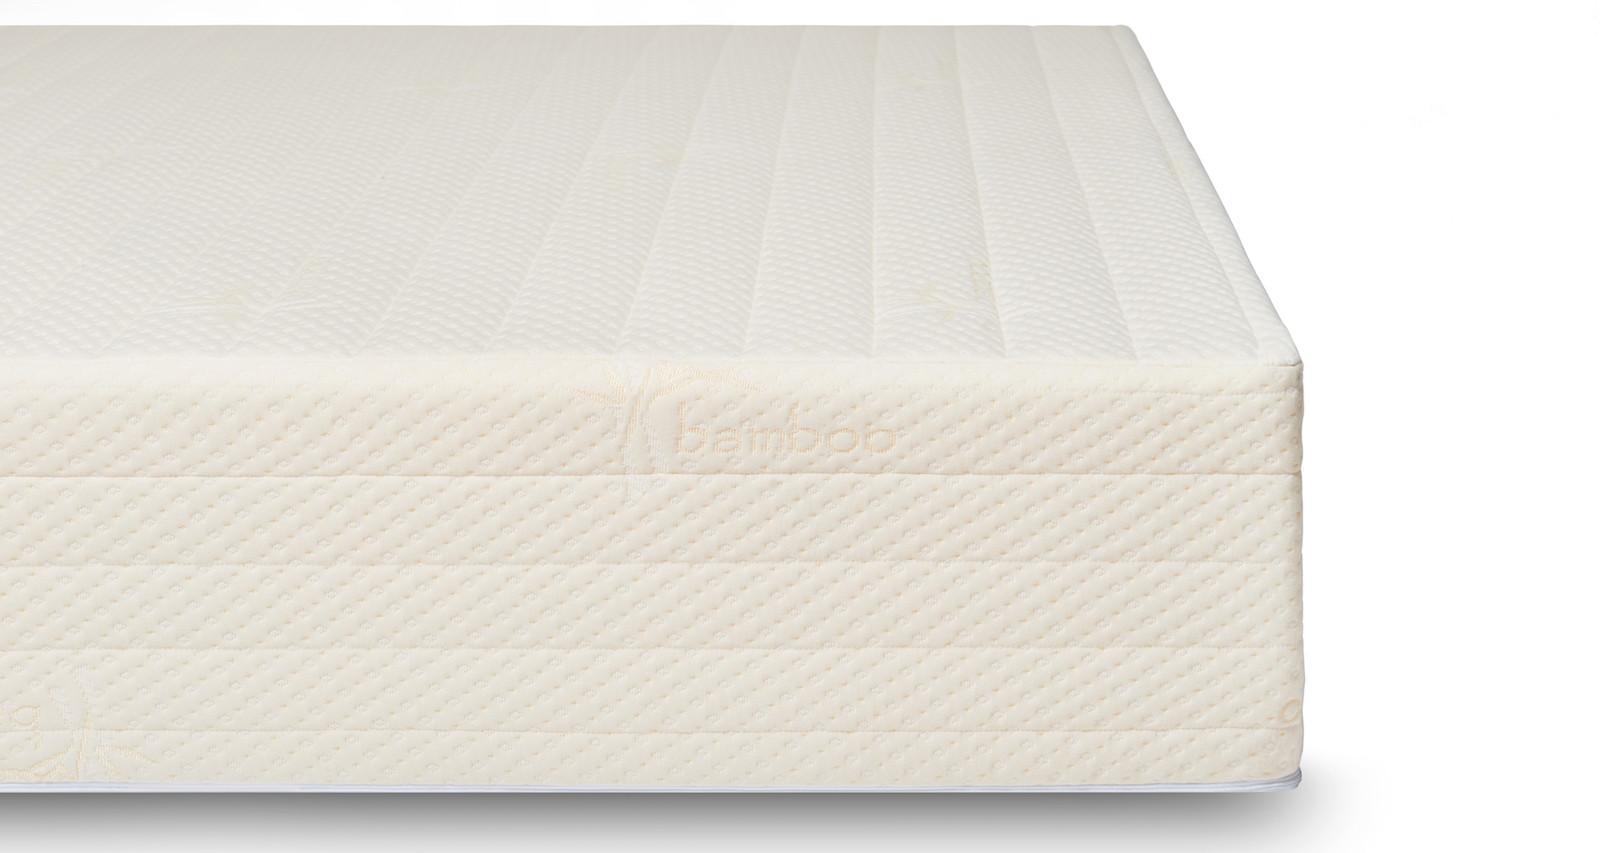 Brentwood Home Bamboo Gel 13 Memory Foam Mattress, girl on the mattress, brentwood home mattress reviews